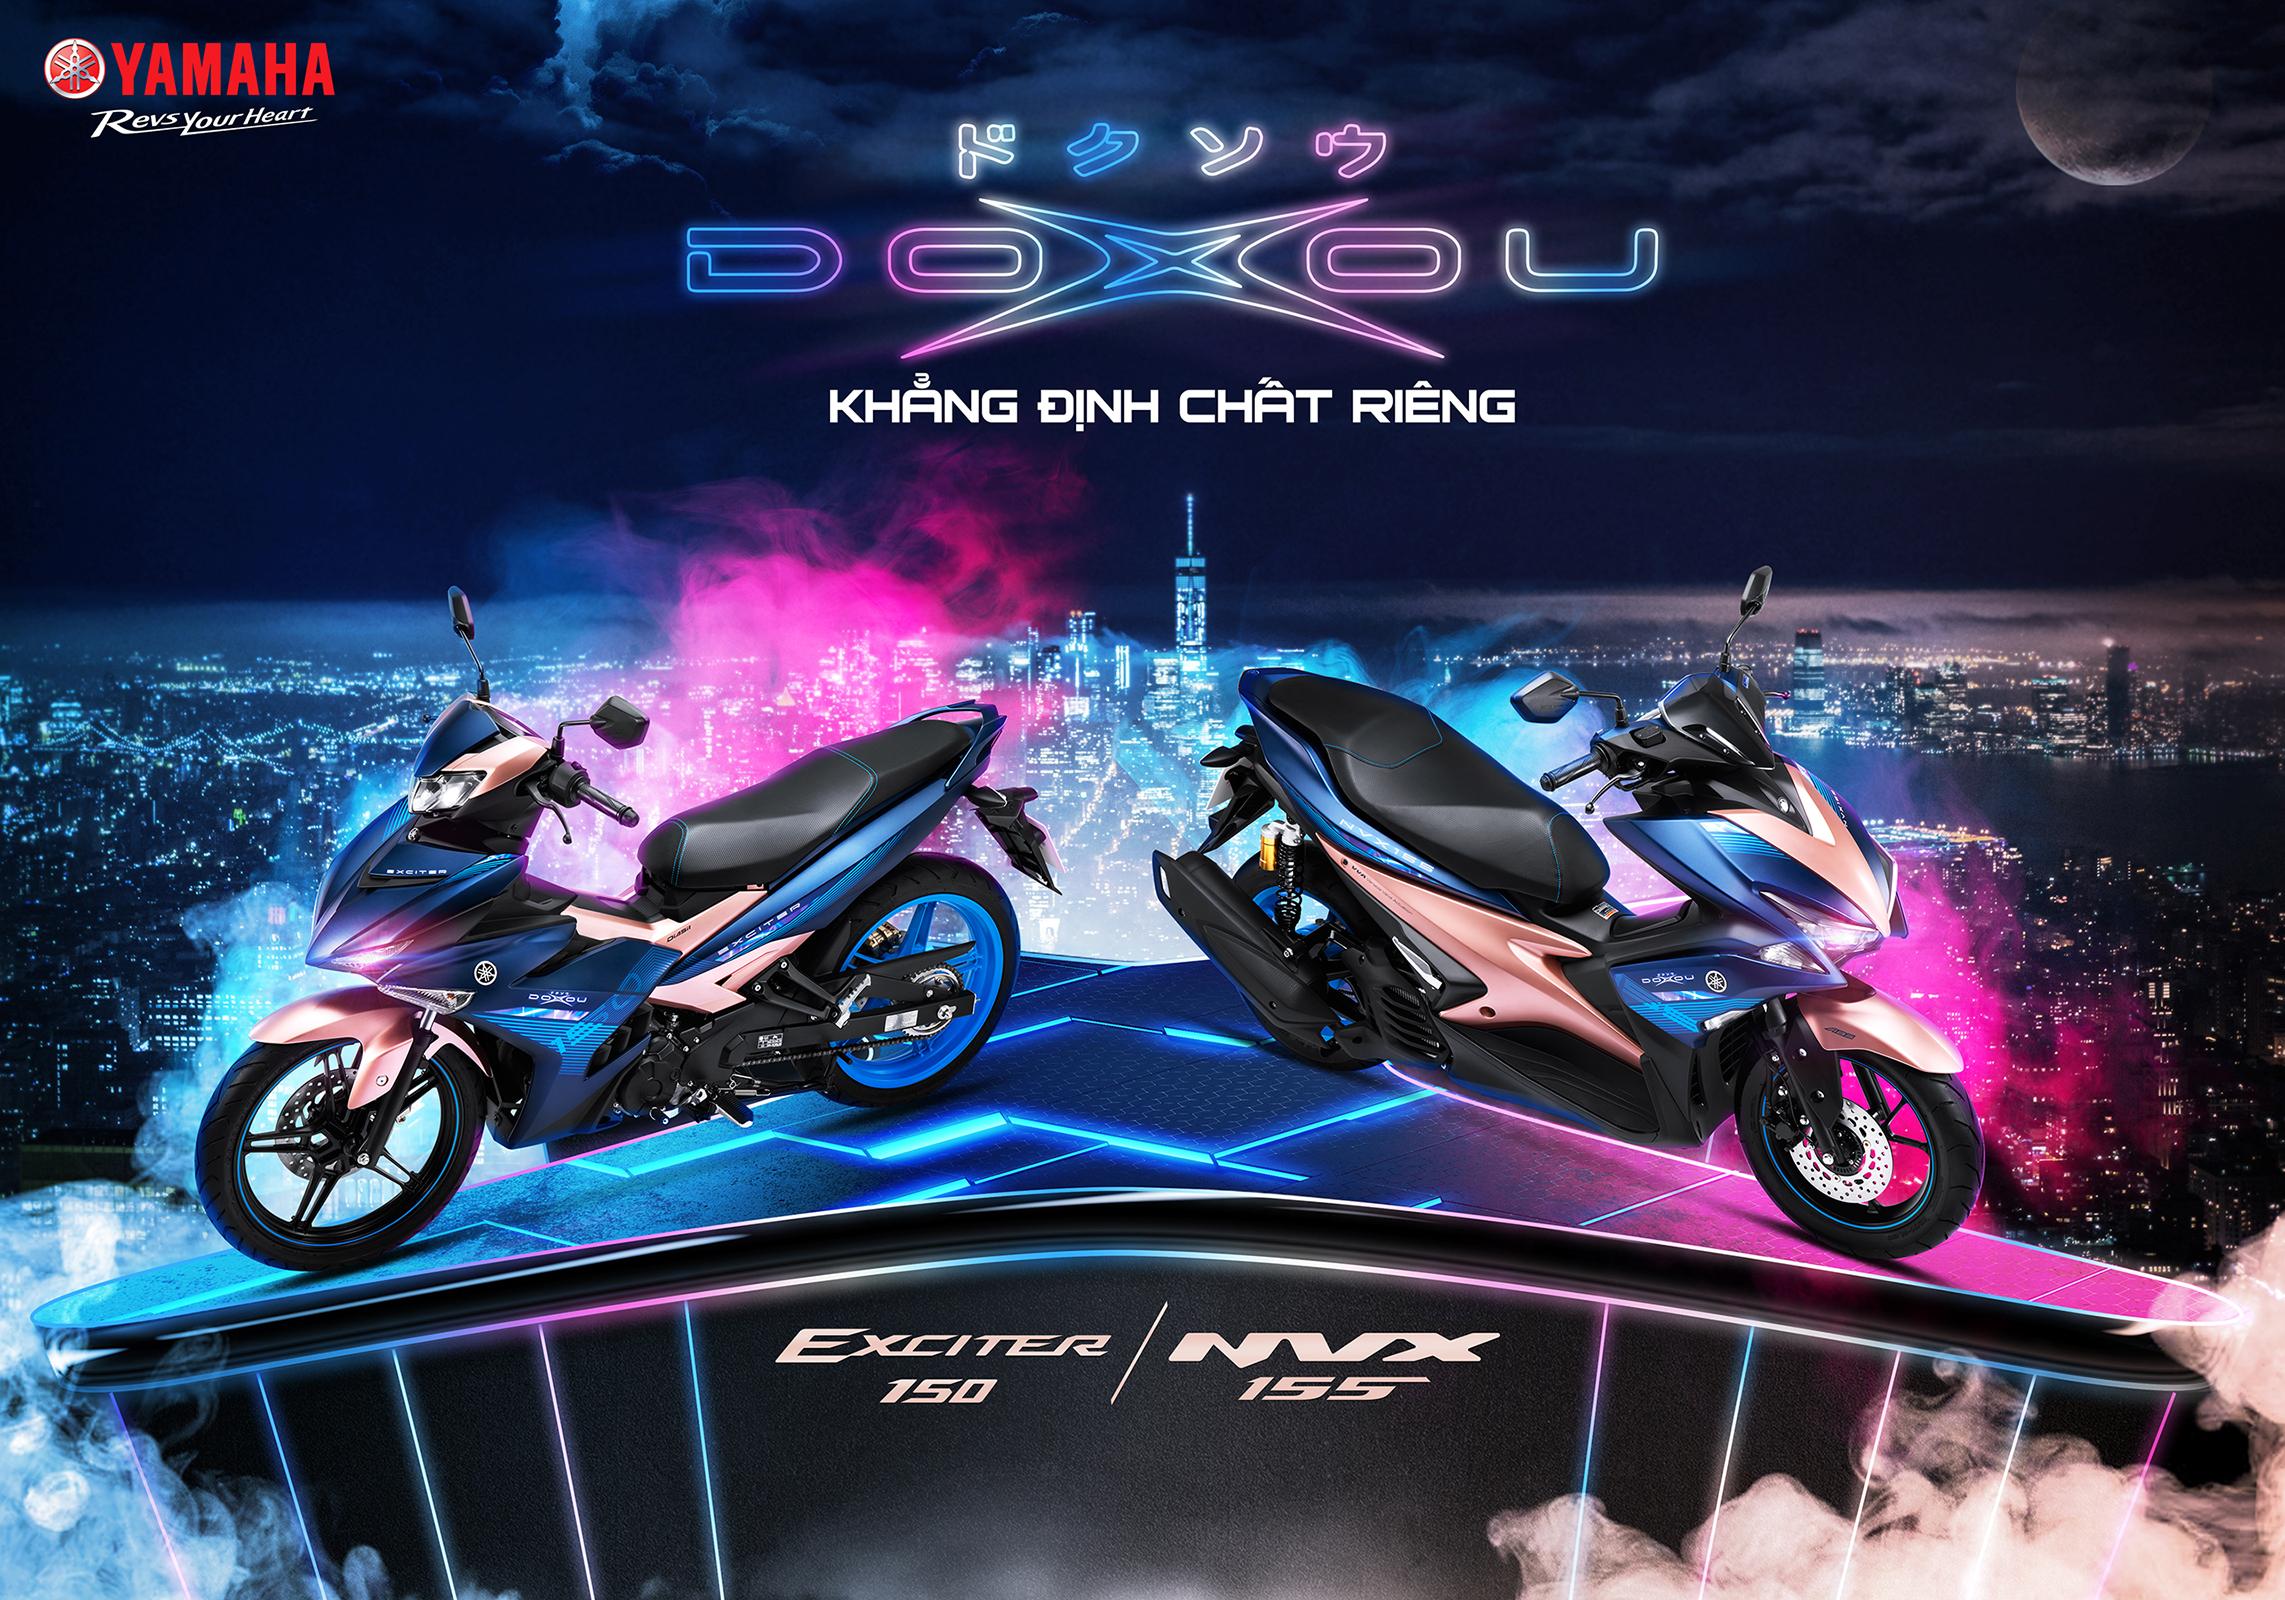 Khẳng định chất riêng cùng Yamaha Exciter & NVX phiên bản Doxou